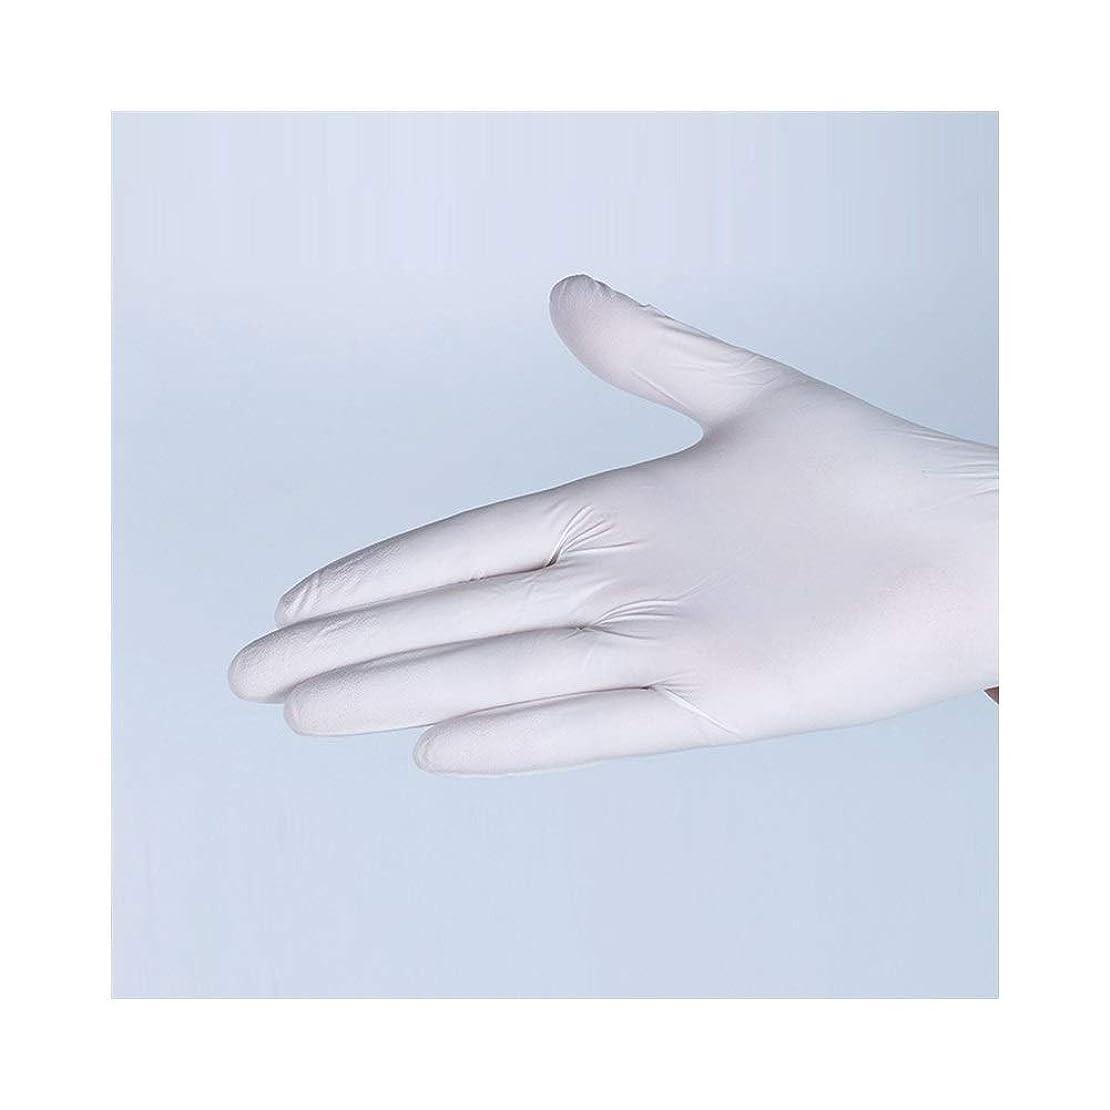 兵隊スタッフ病気使い捨てのパウダーフリー化学実験ニトリル手袋工業労働保護手袋 YANW (Color : White, Size : S)